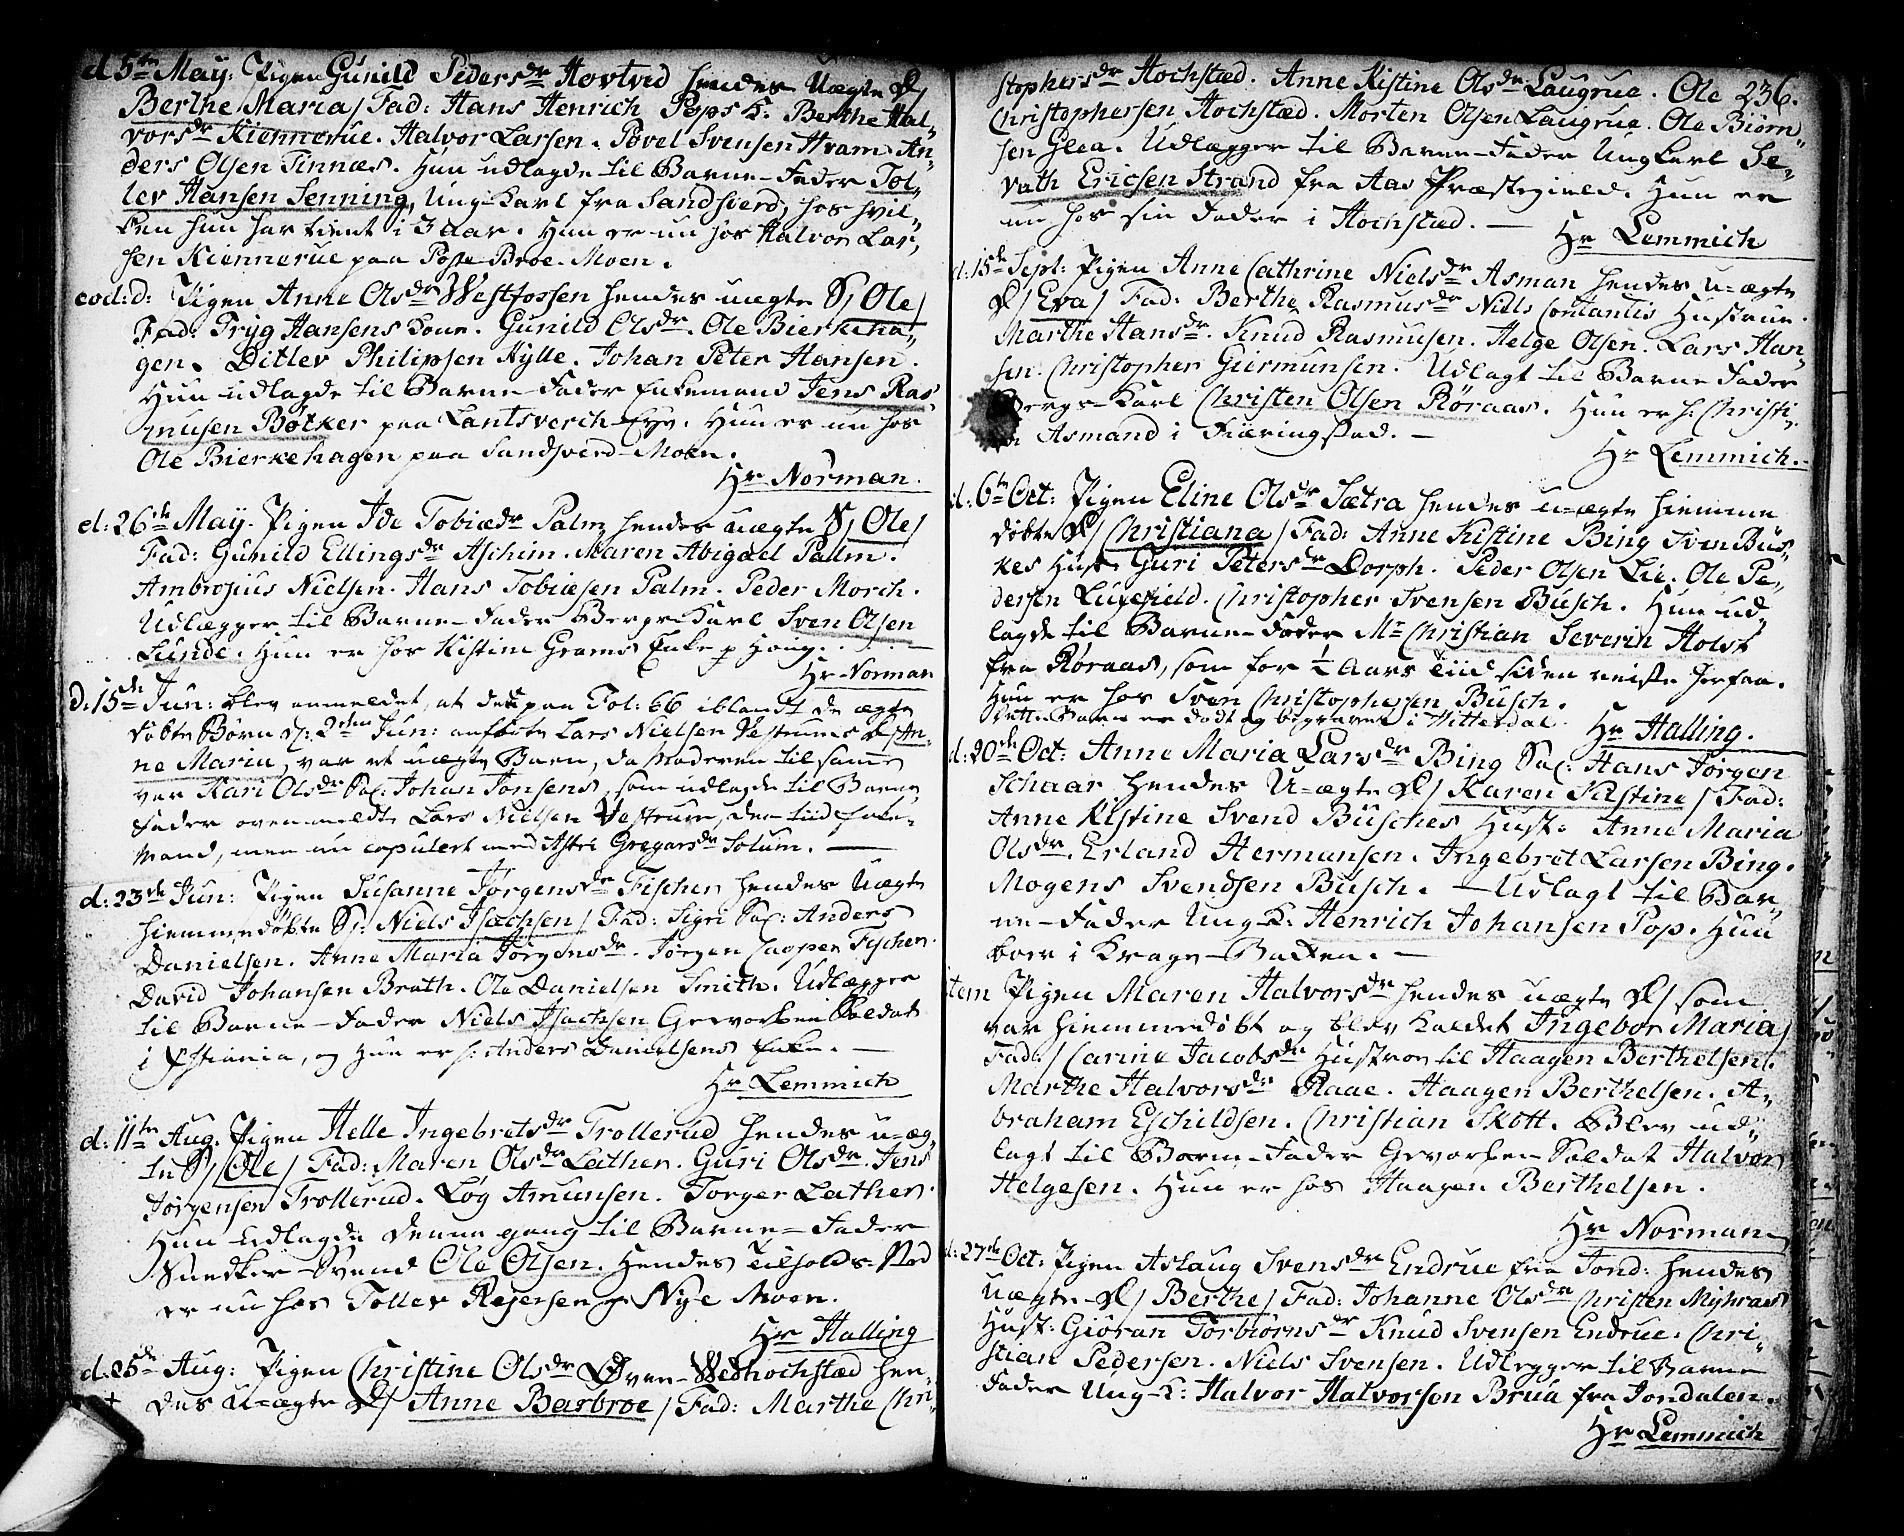 SAKO, Kongsberg kirkebøker, F/Fa/L0006: Ministerialbok nr. I 6, 1783-1797, s. 236